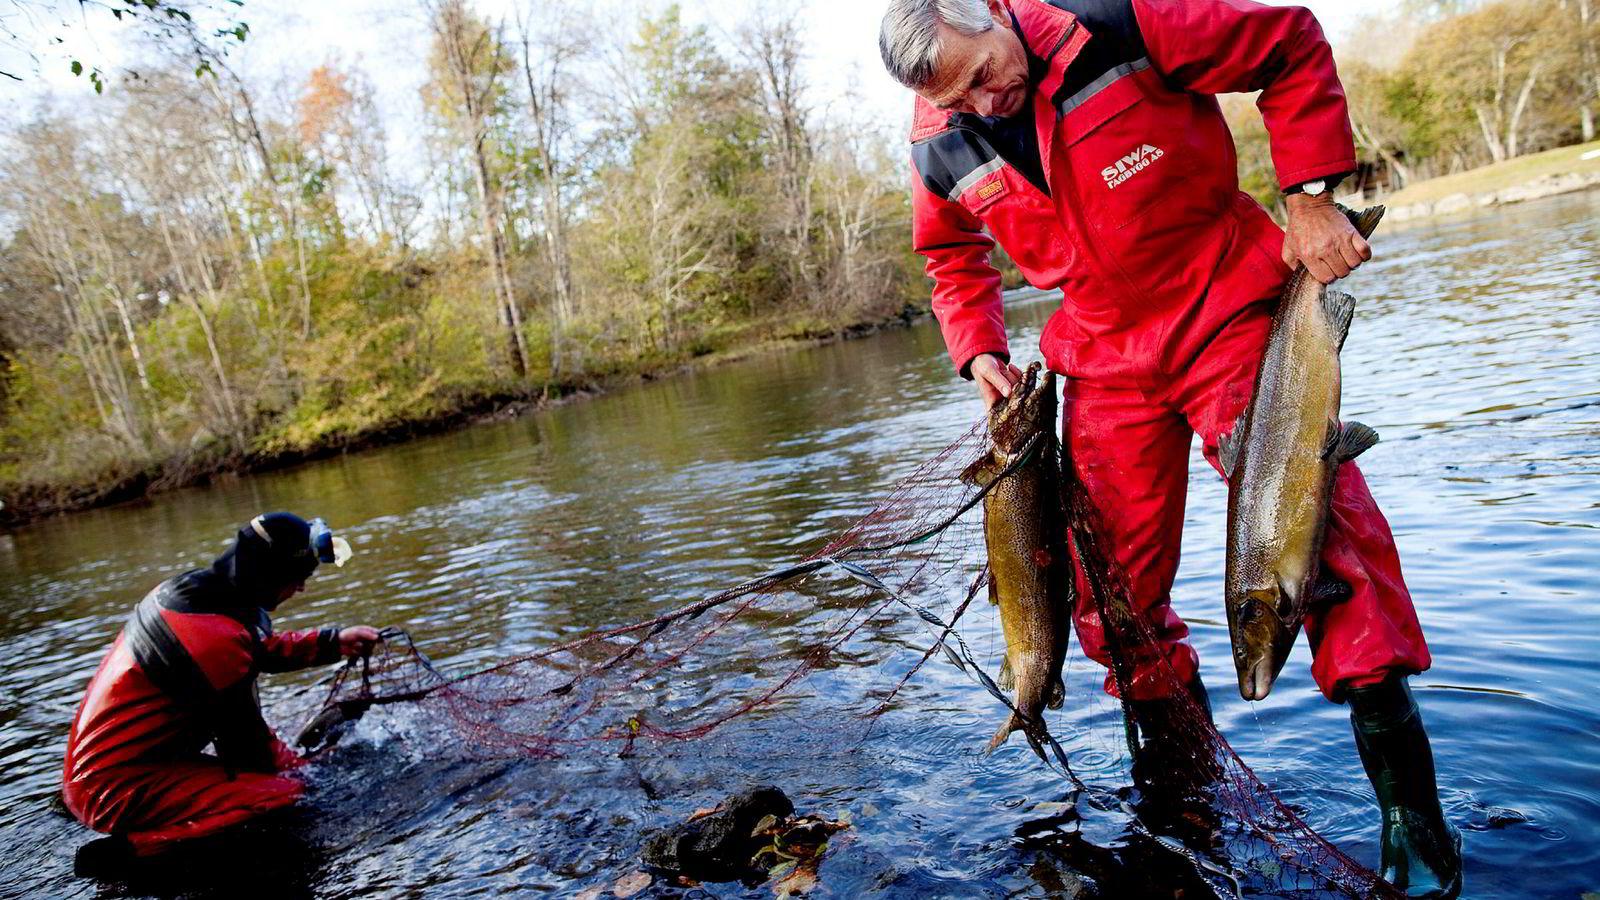 For første gang kan forskere bevise at villaks med stor genetisk påvirkning fra rømt oppdrettslaks har en annen alder og størrelse når den blir kjønnsmoden. Bildet er Etne sør i Rogaland i 2010 der elveeierlagsleder Vidar Børretzen fisker ut rømt oppdrettslaks fra elven.